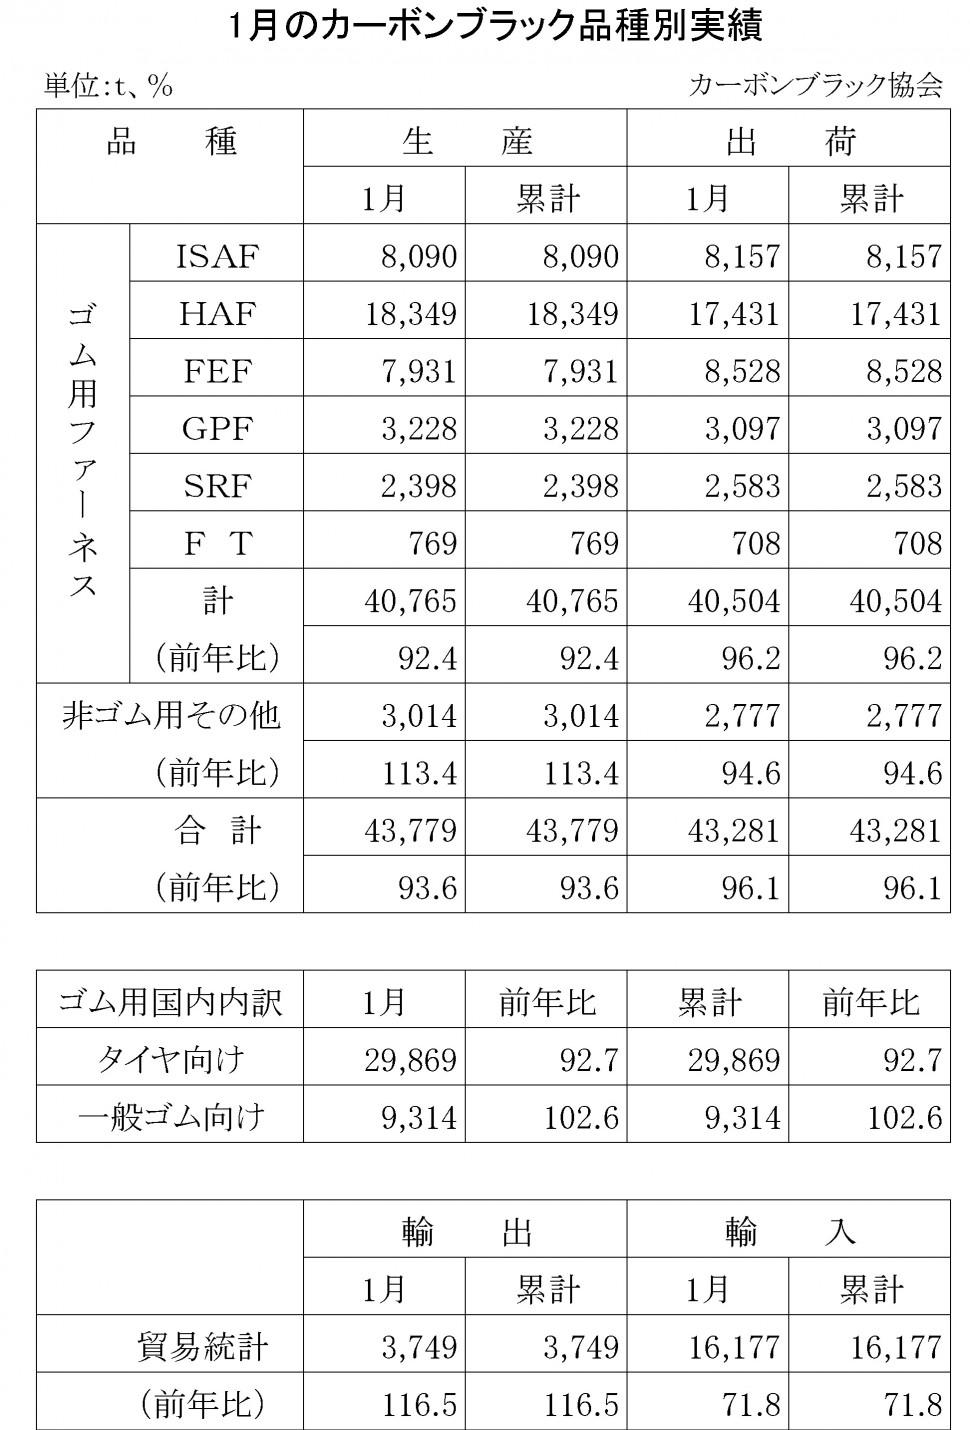 2016年1月のカーボンブラック品種別実績